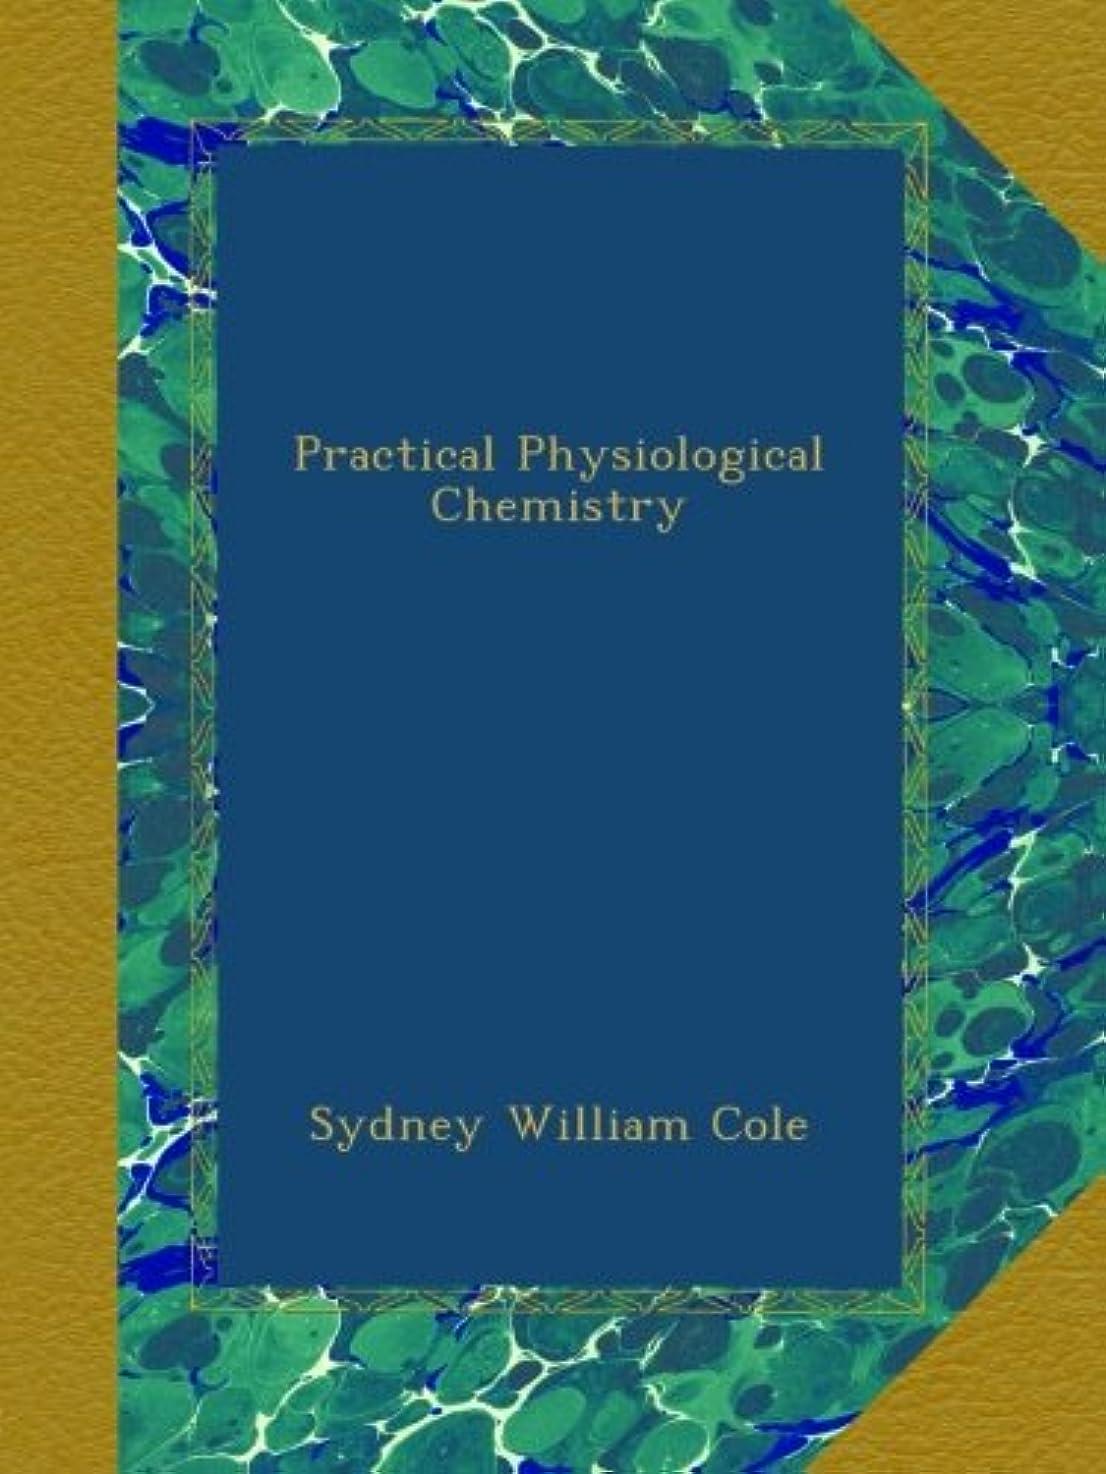 規範スパン回転させるPractical Physiological Chemistry